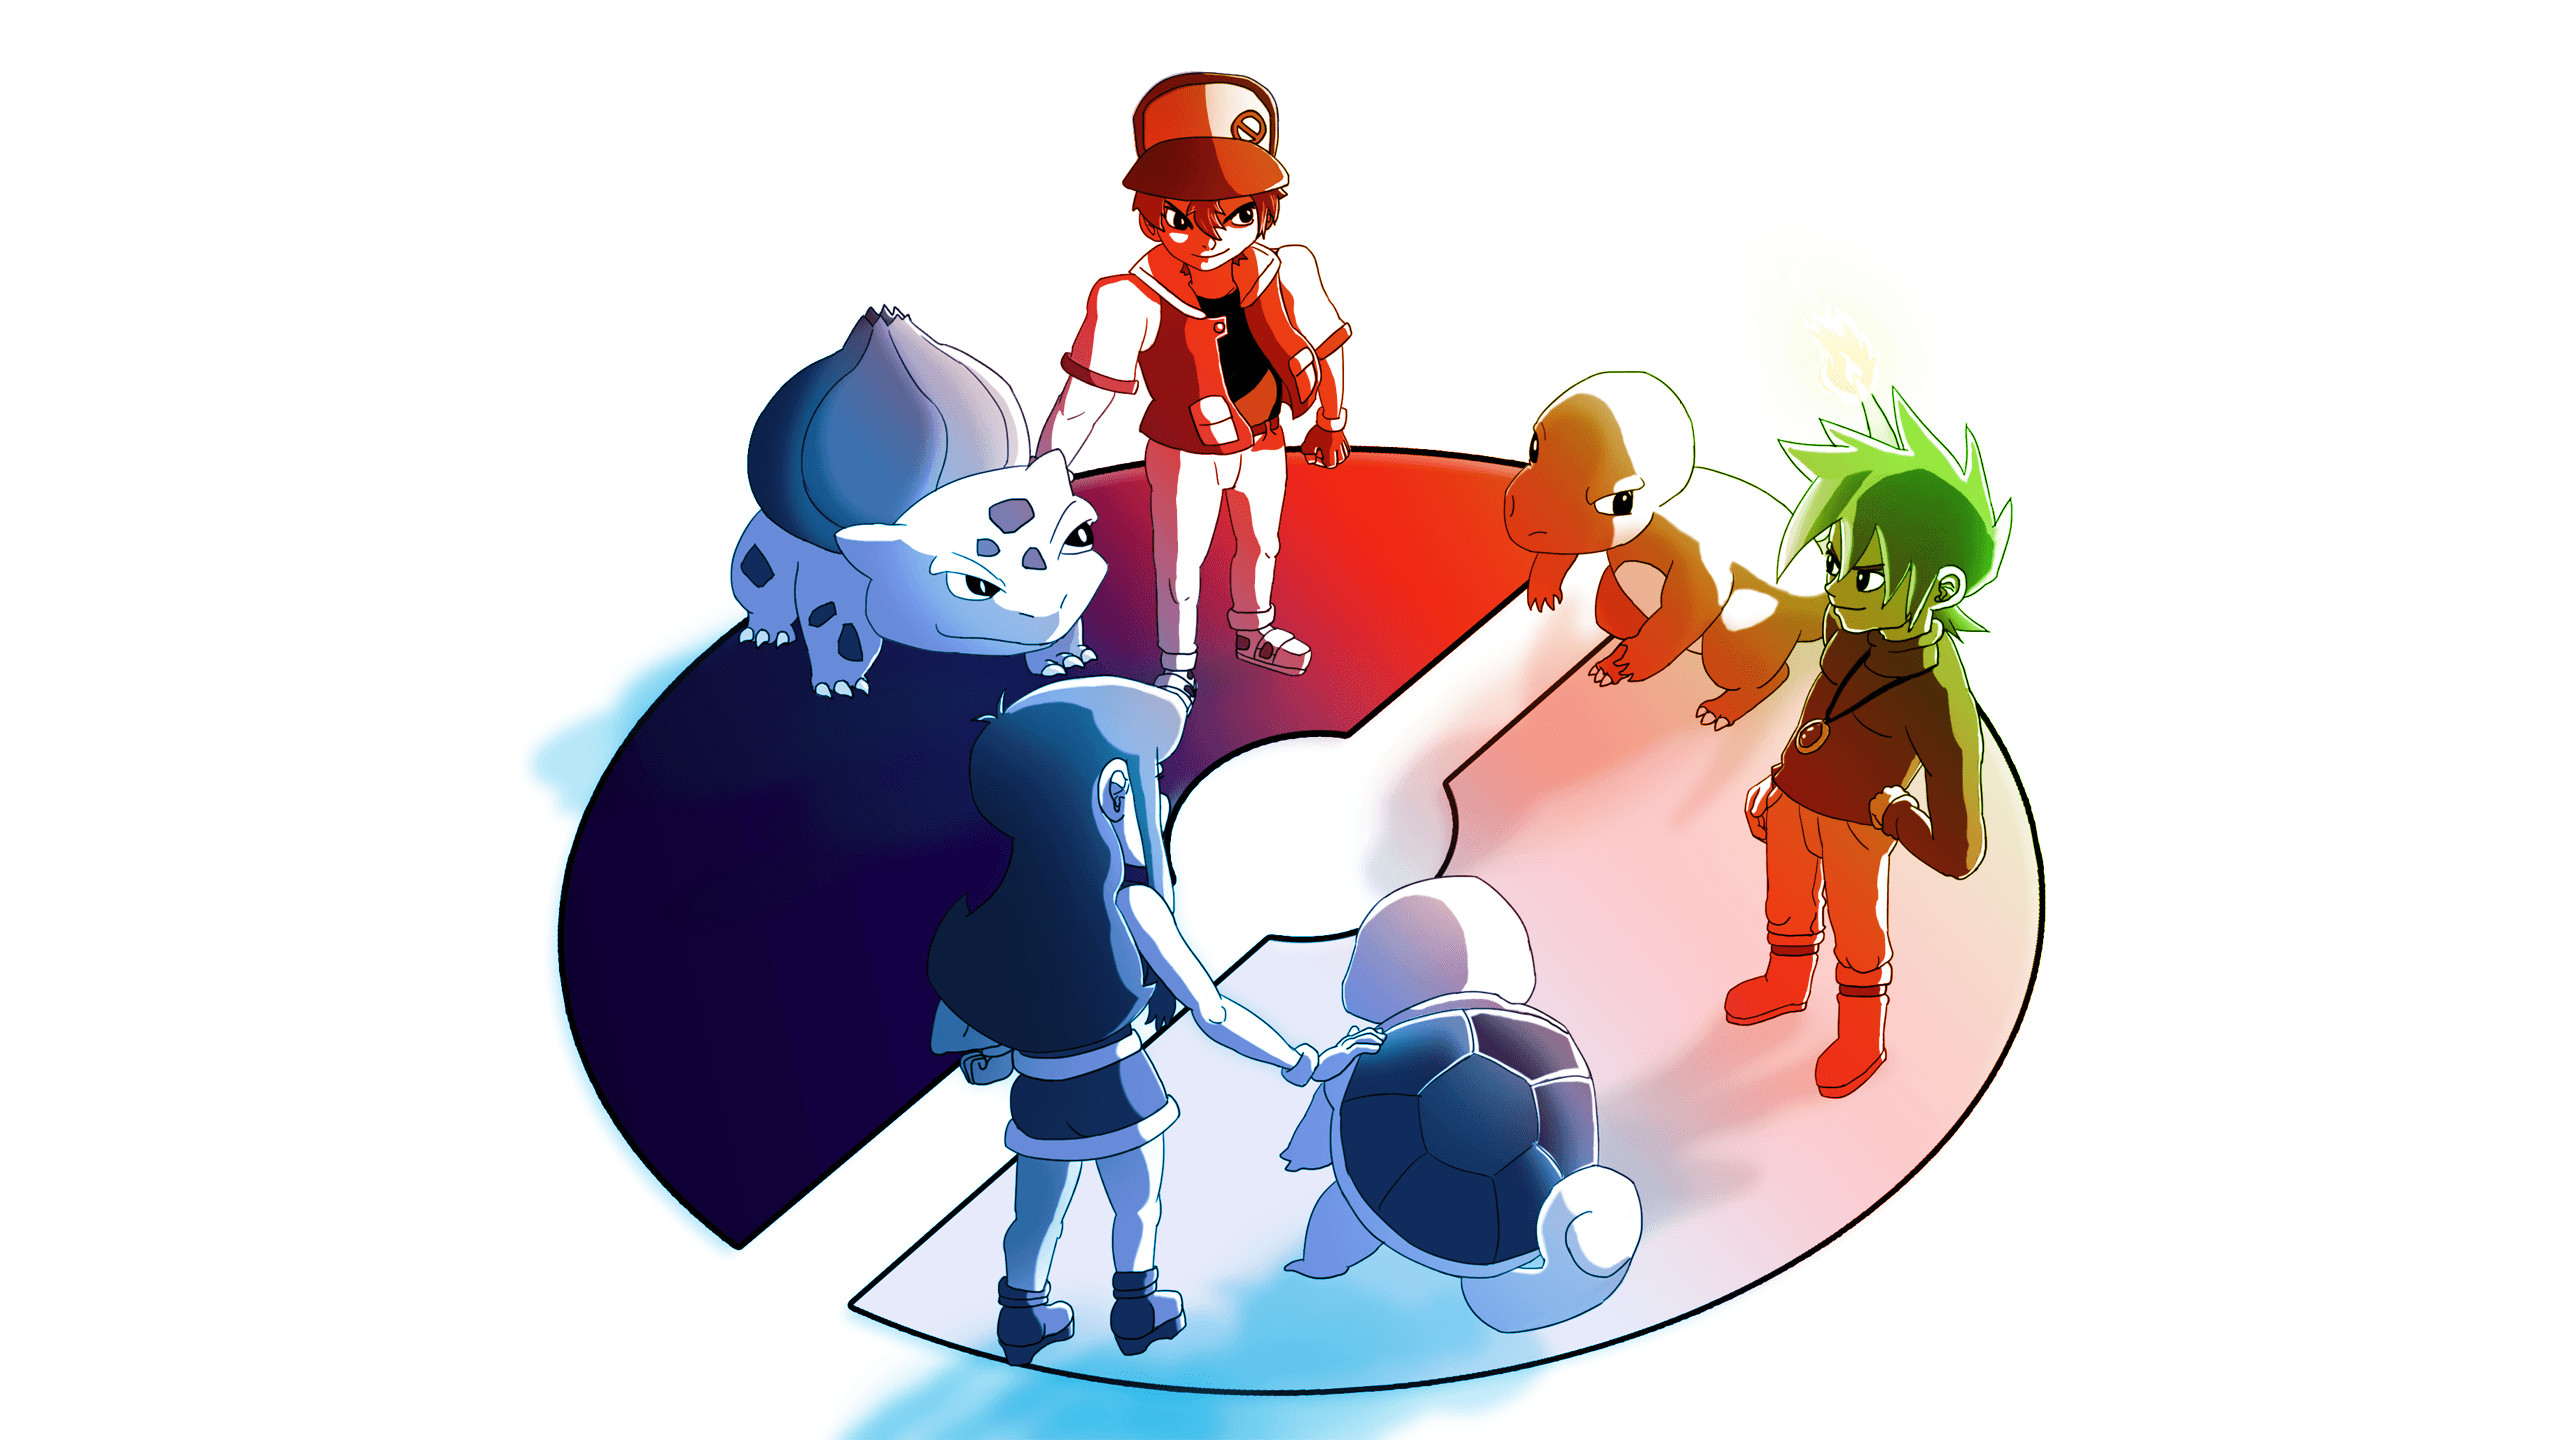 Pokemon Trainer Red wallpaper – 1104748